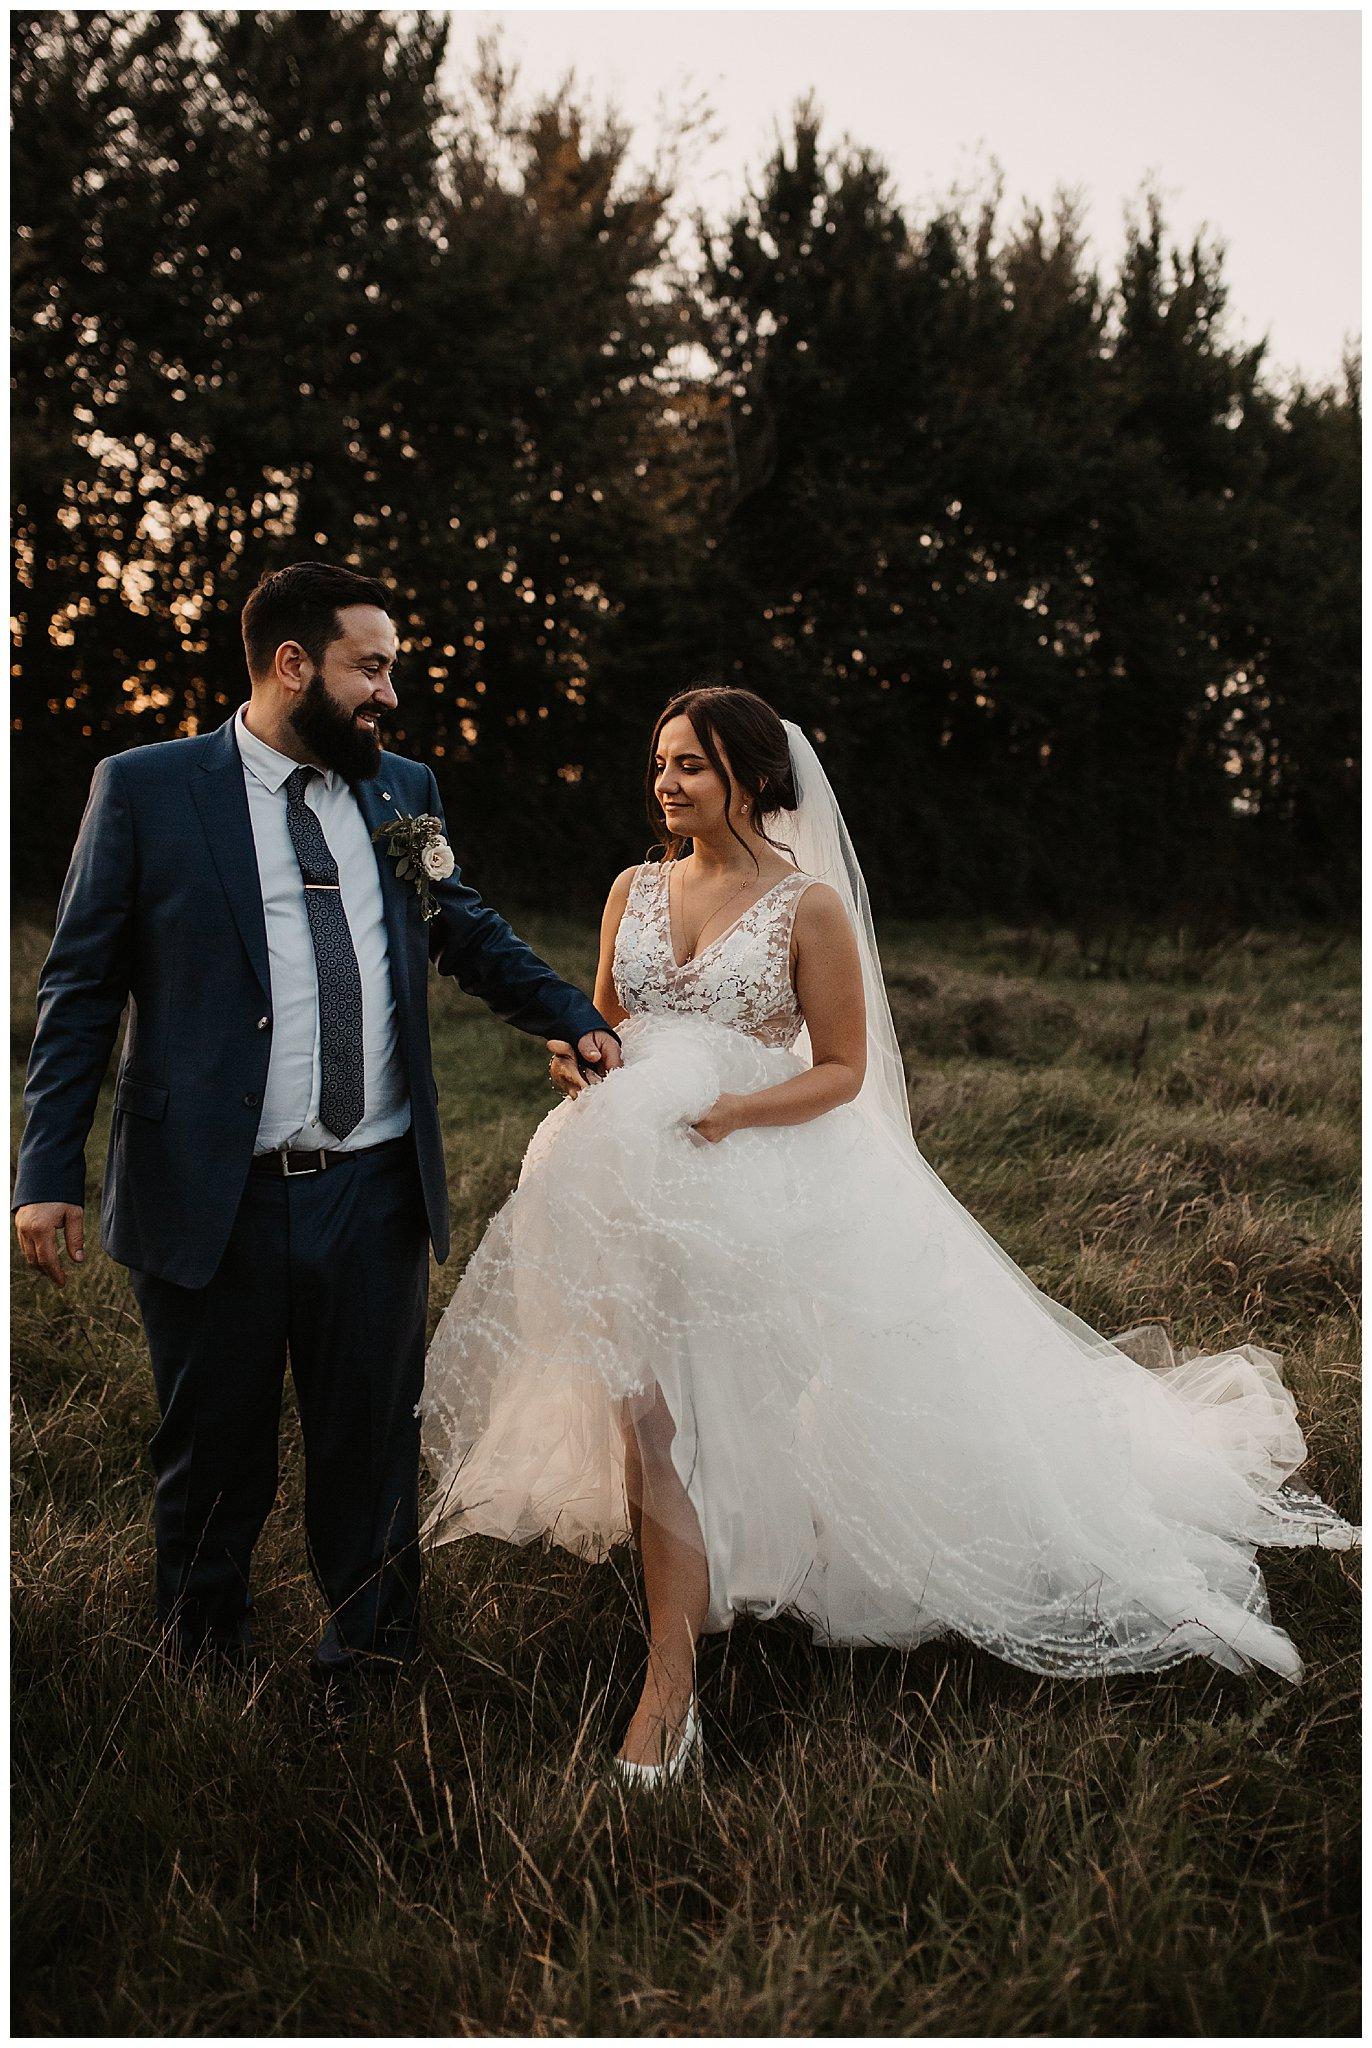 Max & Ksenia Autumnal Wiltshire Wedding-808.jpg